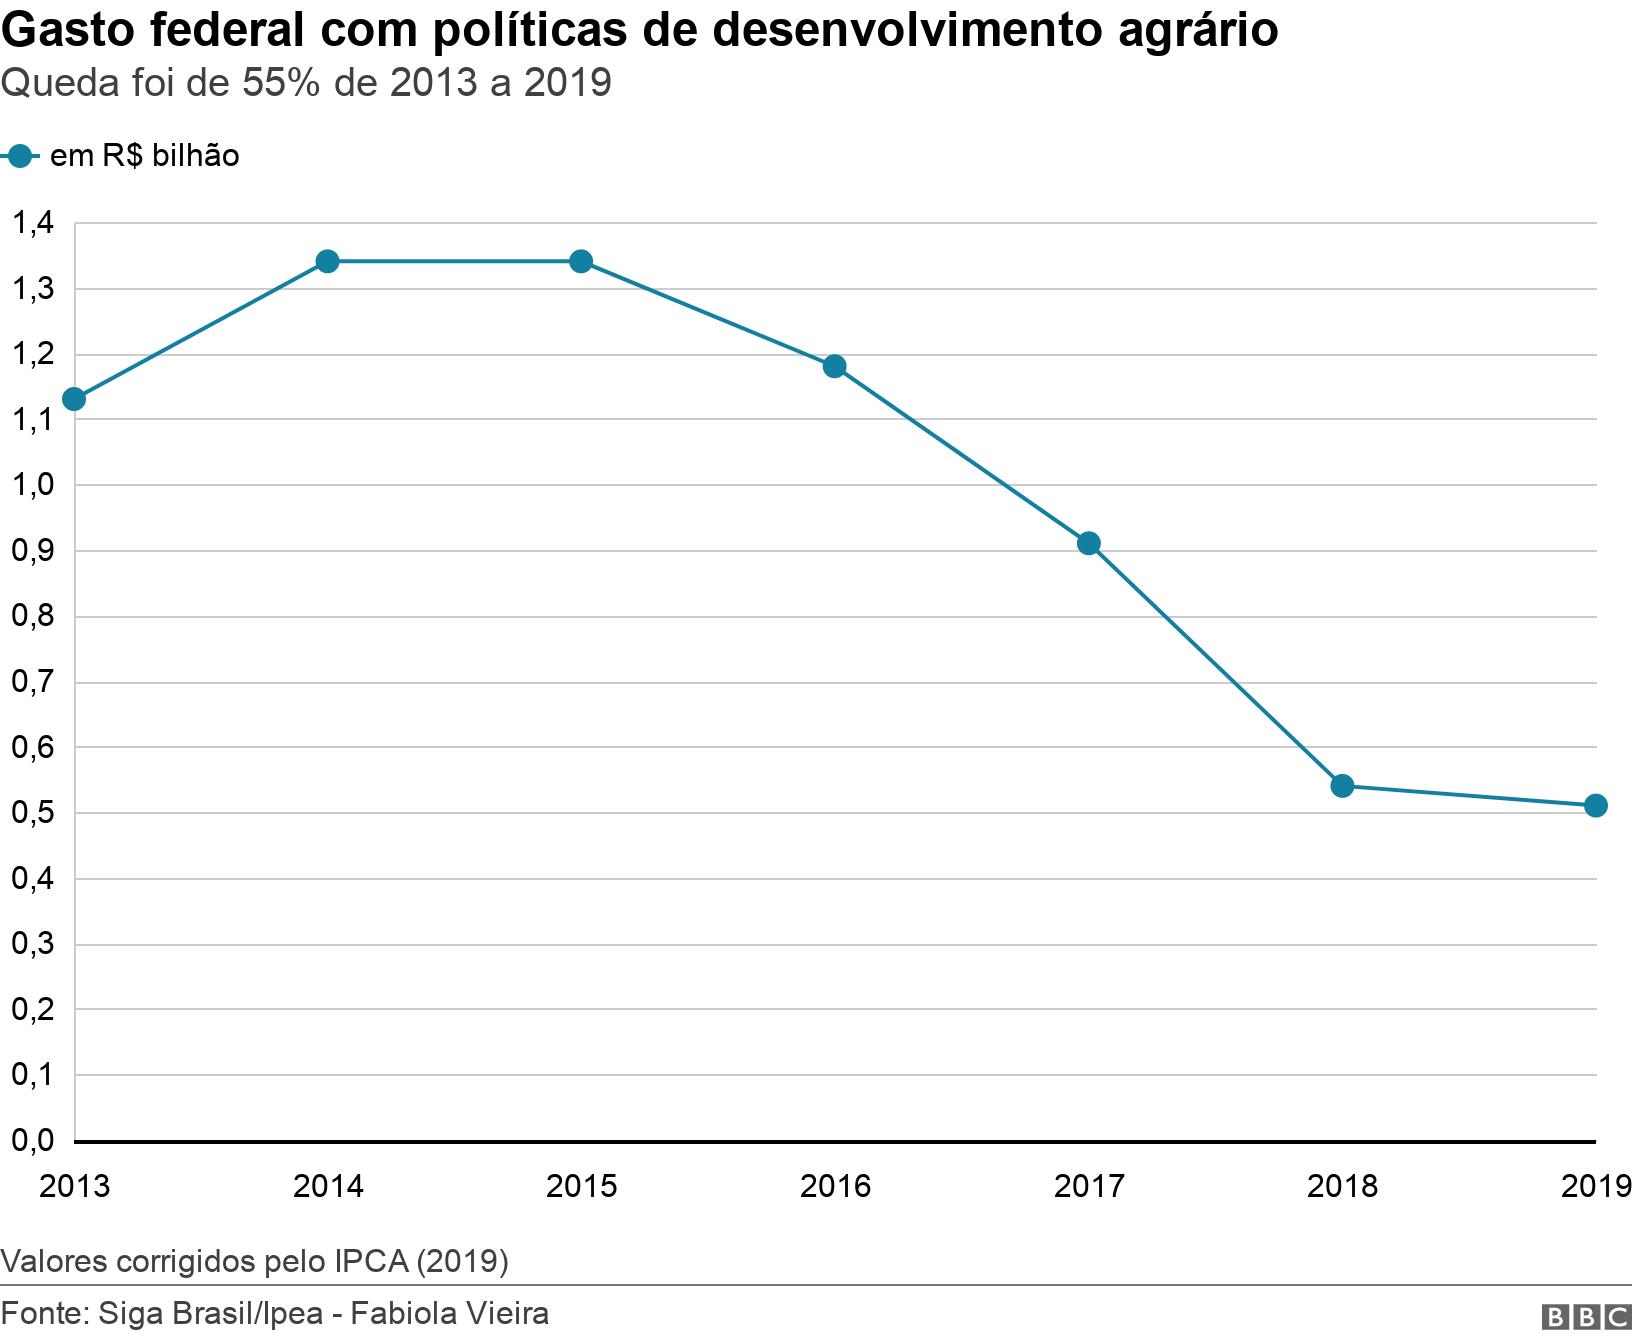 Gasto federal com políticas de desenvolvimento agrário. Queda foi de 55% de 2013 a 2019.  Valores corrigidos pelo IPCA (2019).